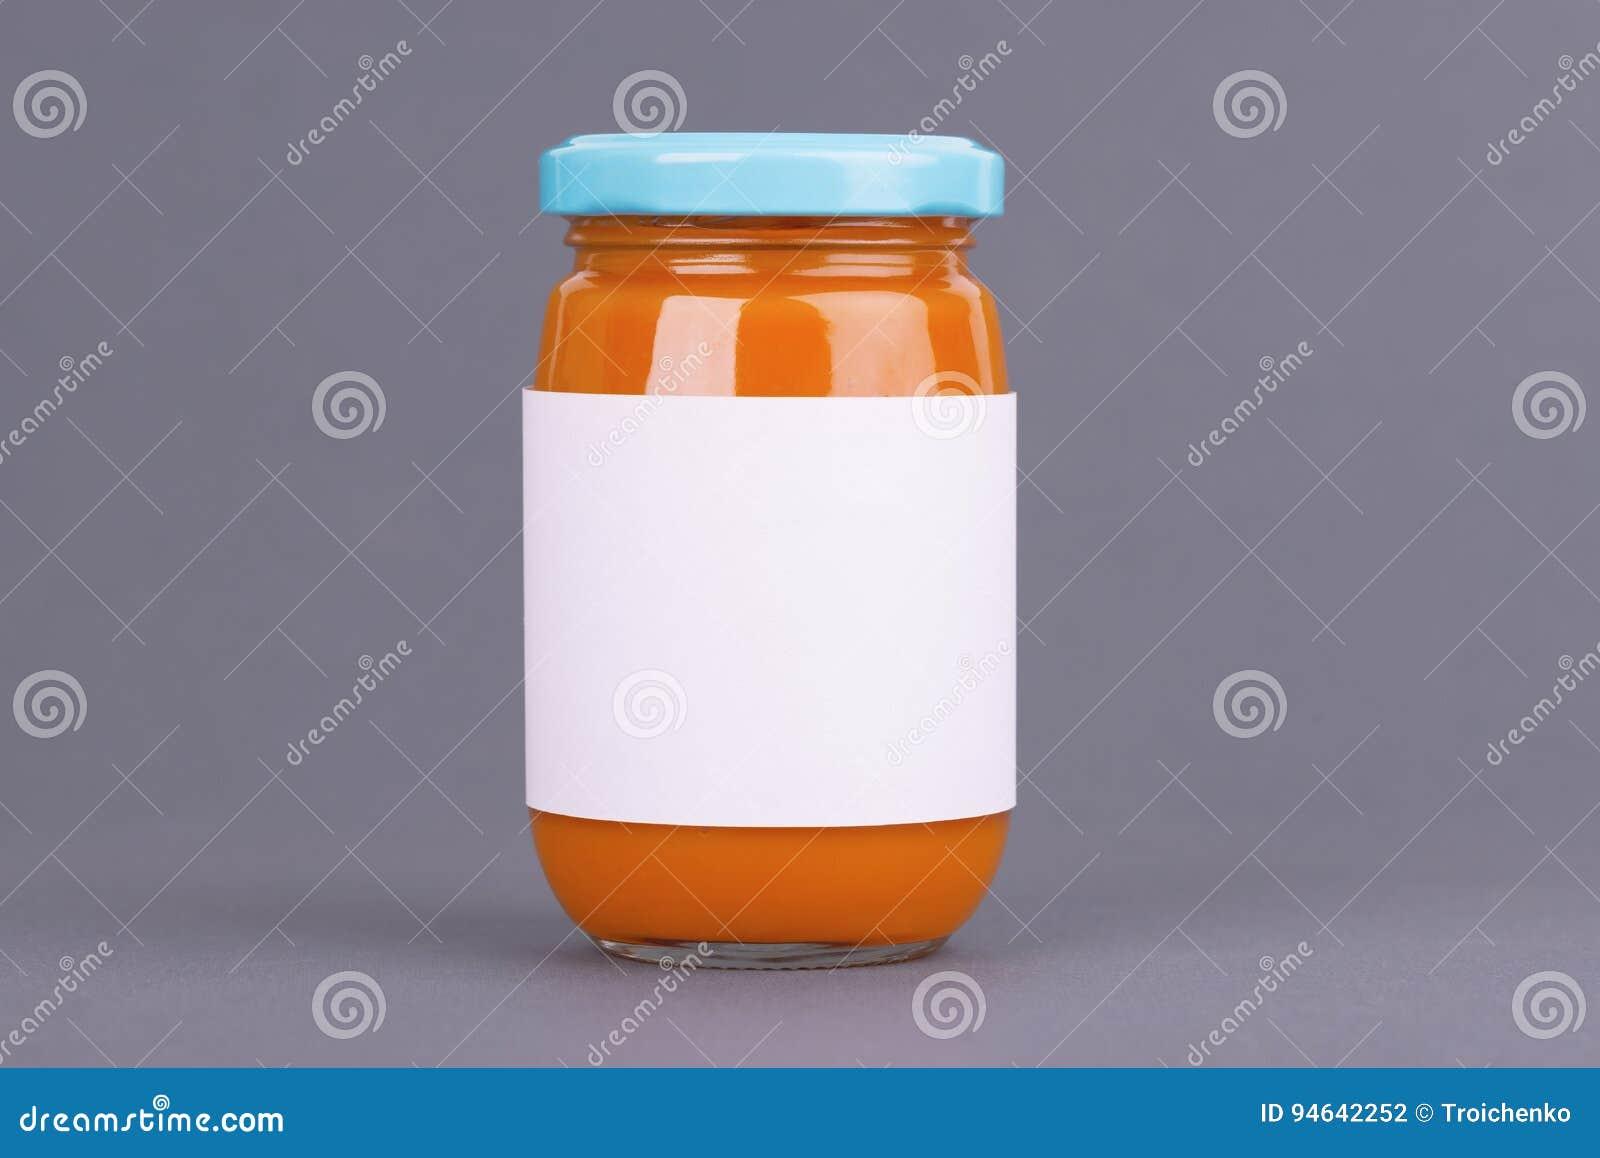 Πορτοκαλί βάζο γυαλιού για την τράπεζα παιδικών τροφών στο γκρίζο υπόβαθρο Οργανικός πουρές παιδικών τροφών Χλεύη επάνω χωρίς ετι